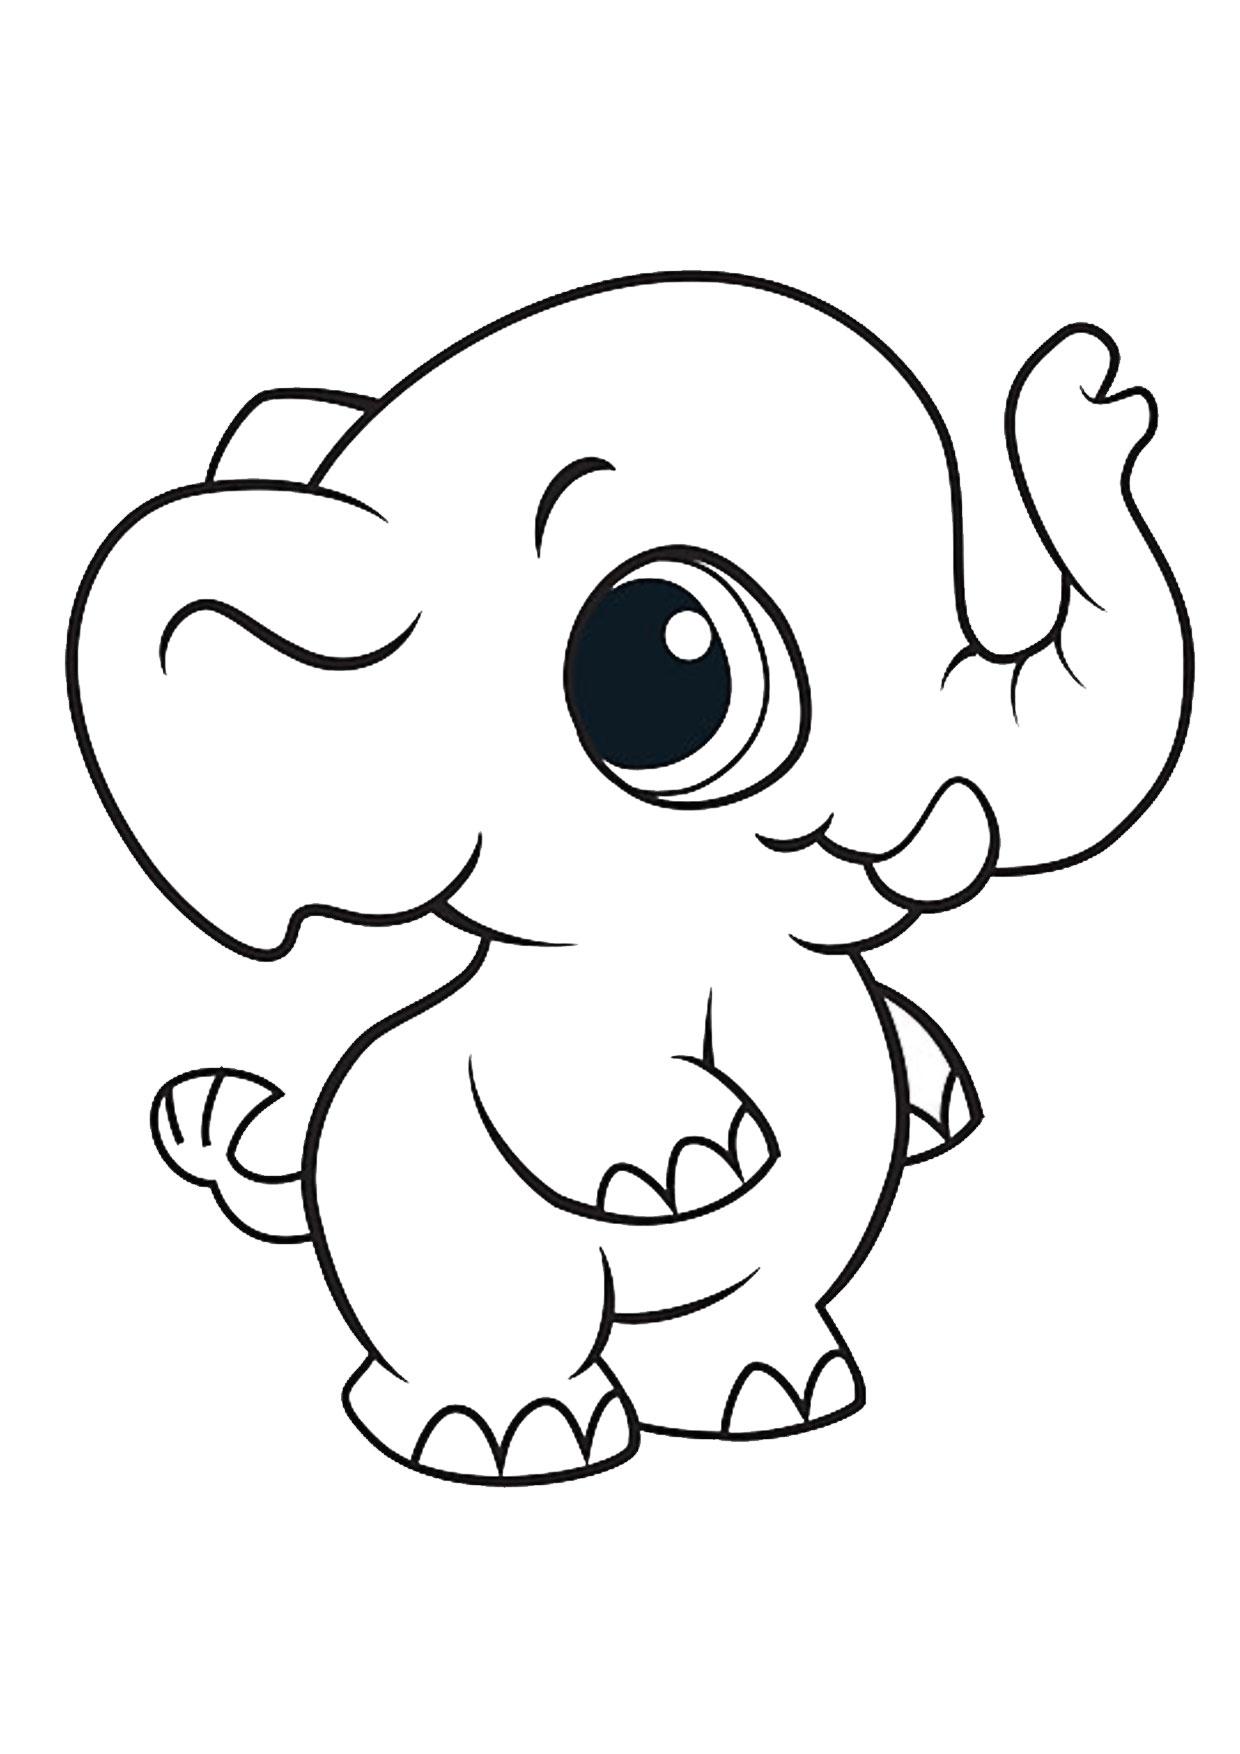 45 disegni di elefanti da colorare for Disegni di squali per bambini